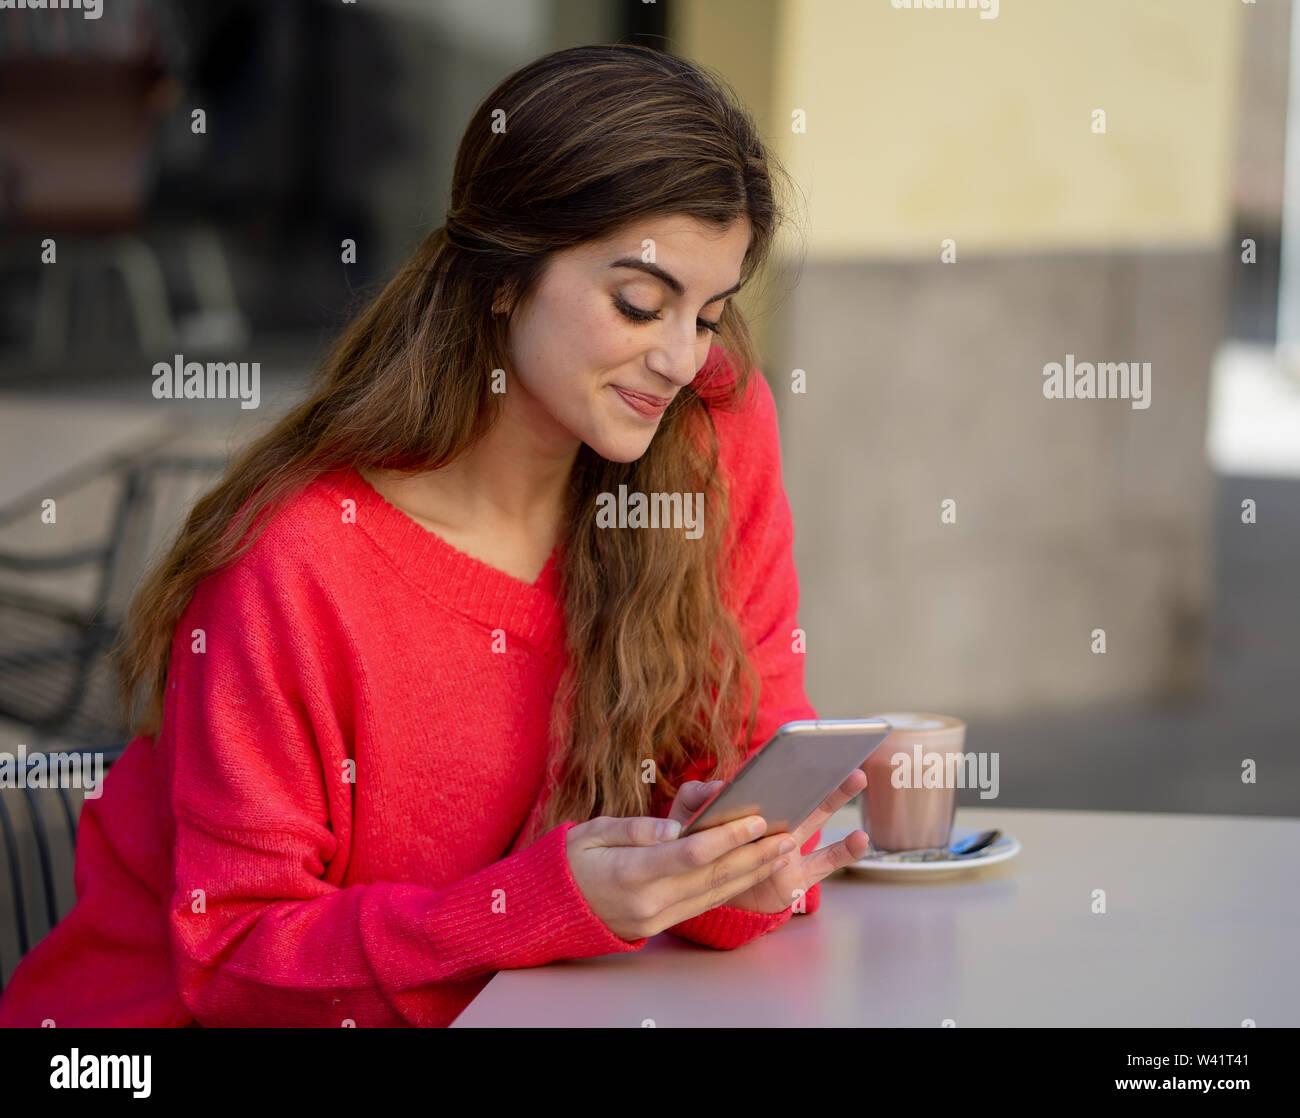 Gratis online dating på mobiltelefon hekte gifs Tumblr